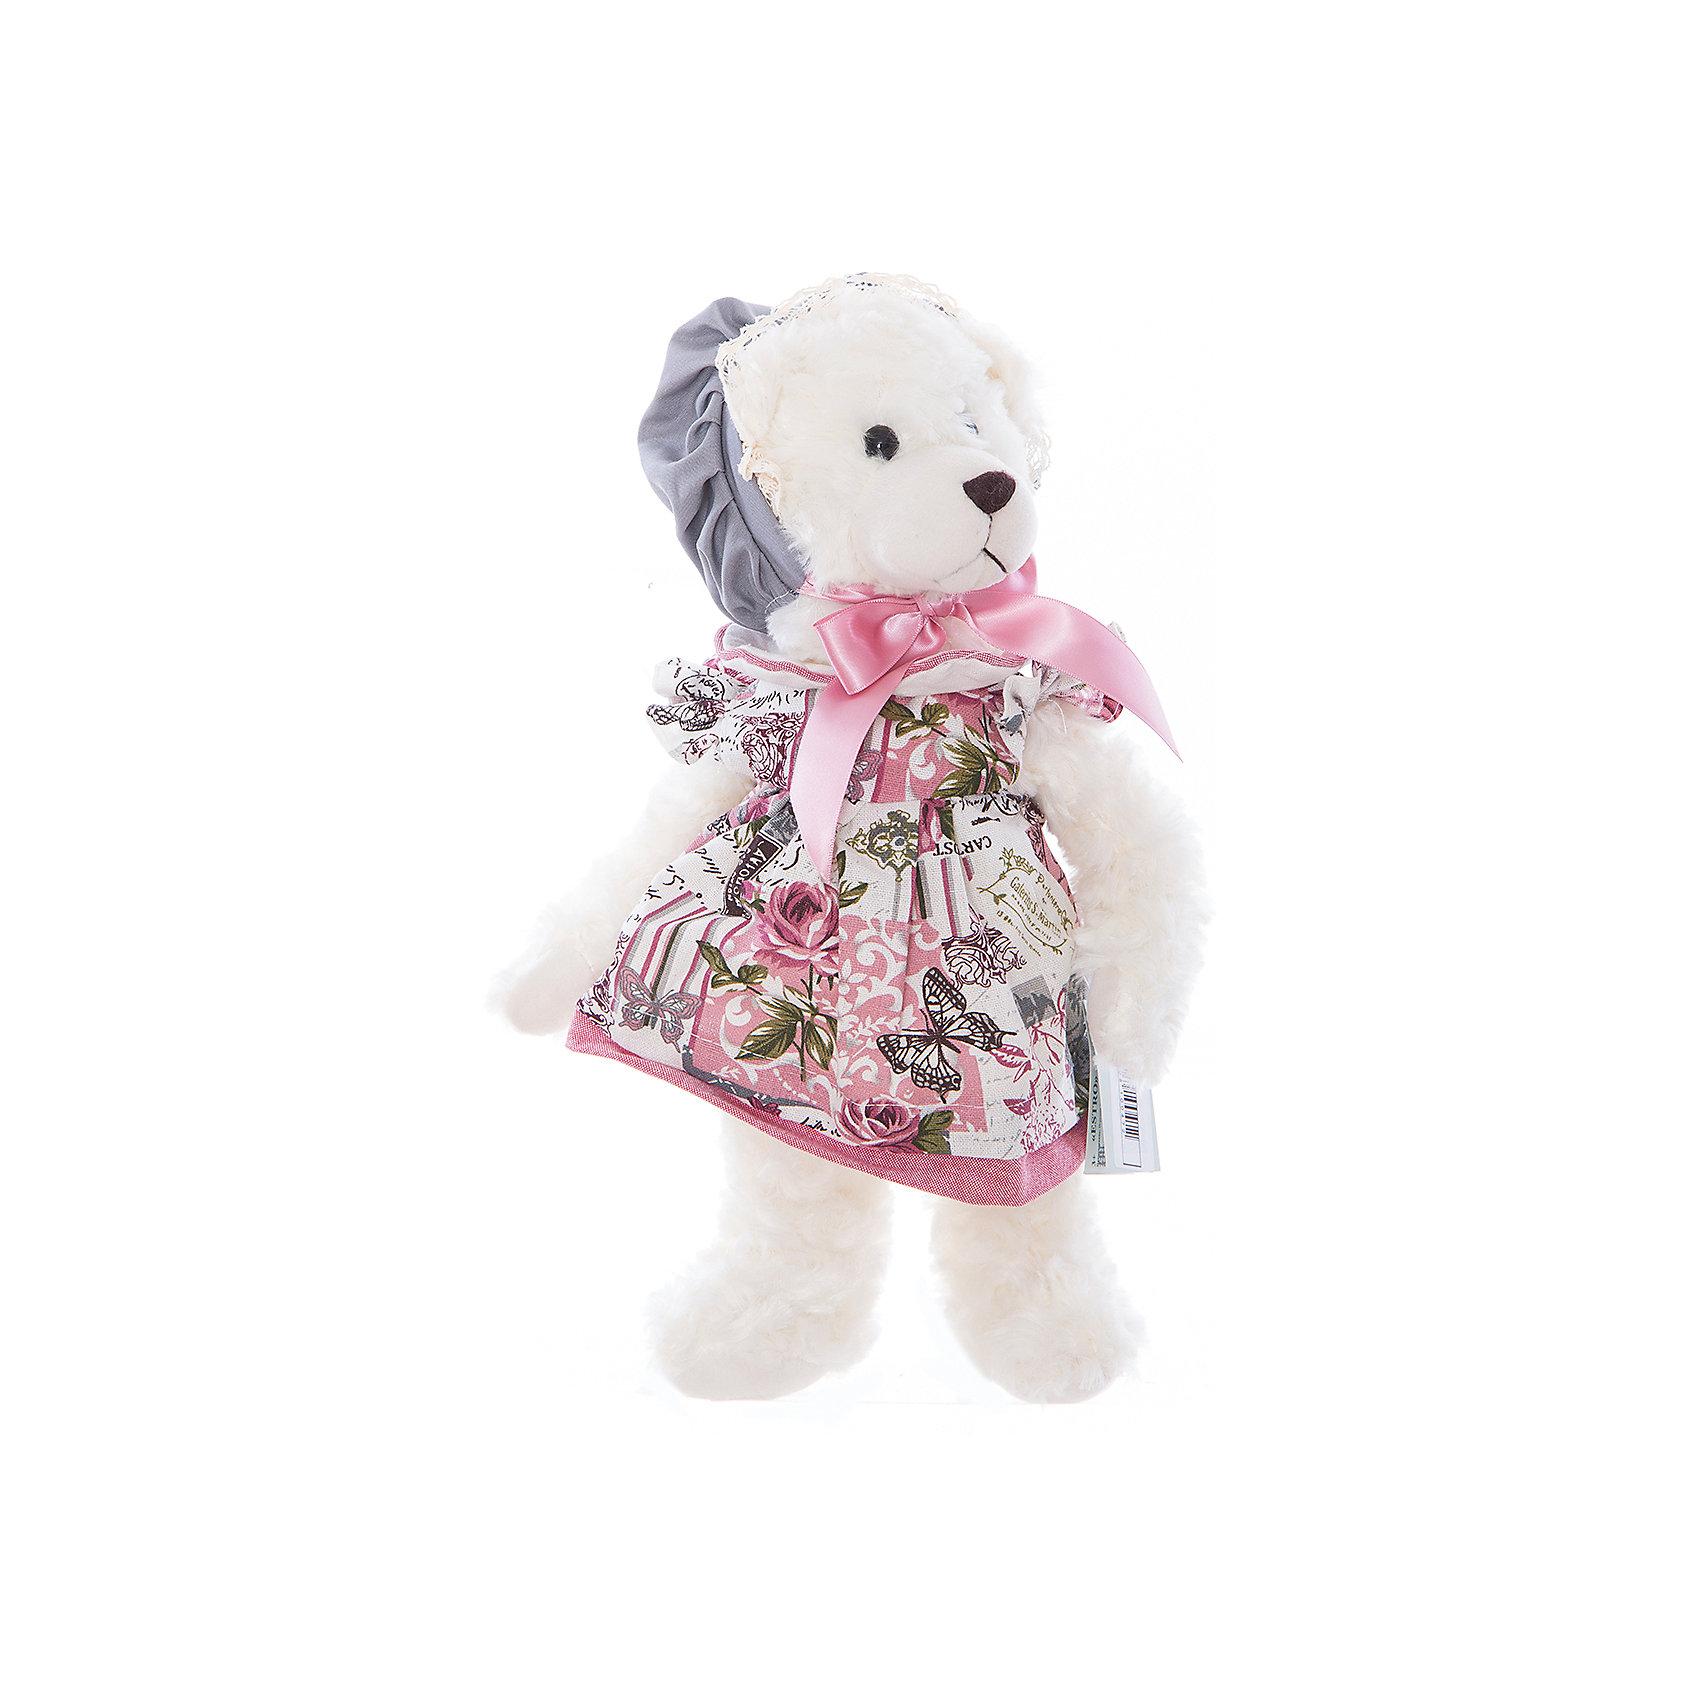 Интерьерная кукла Мишка C21-148614, EstroПредметы интерьера<br>Характеристики интерьерной куклы:<br><br>- размеры (высота): 31 см. <br>- тип игрушки: животные; фигурки<br>- персонаж: девочка и медведь <br>- вид упаковки: коробка<br>- возрастные ограничения: 3+<br>- комплектация: игрушка ( 2 шт.)<br>- состав: 100% полиэстр, набивка — полиэфирное волокно, платье — текстиль, без механизма.<br>- стиль: классический, прованс<br>- бренд: Estro <br>- страна бренда: Италия<br>- страна производитель: Китай<br><br>Кукла медведица придаст оригинальности Вашему интерьеру, принесет уют в Ваш дом. При изготовлении интерьерной куклы торговой марки Estro применяются только качественные, высококлассные материалы. Необыкновенные интерьерные куклы торговой марки Estro придадут оригинальности Вашему интерьеру, привнесут уют в ваш дом.<br><br>Интерьерную куклу медвежонок итальянской торговой марки Estro можно купить в нашем интернет-магазине.<br><br>Ширина мм: 100<br>Глубина мм: 150<br>Высота мм: 350<br>Вес г: 334<br>Возраст от месяцев: 36<br>Возраст до месяцев: 1188<br>Пол: Женский<br>Возраст: Детский<br>SKU: 5356616